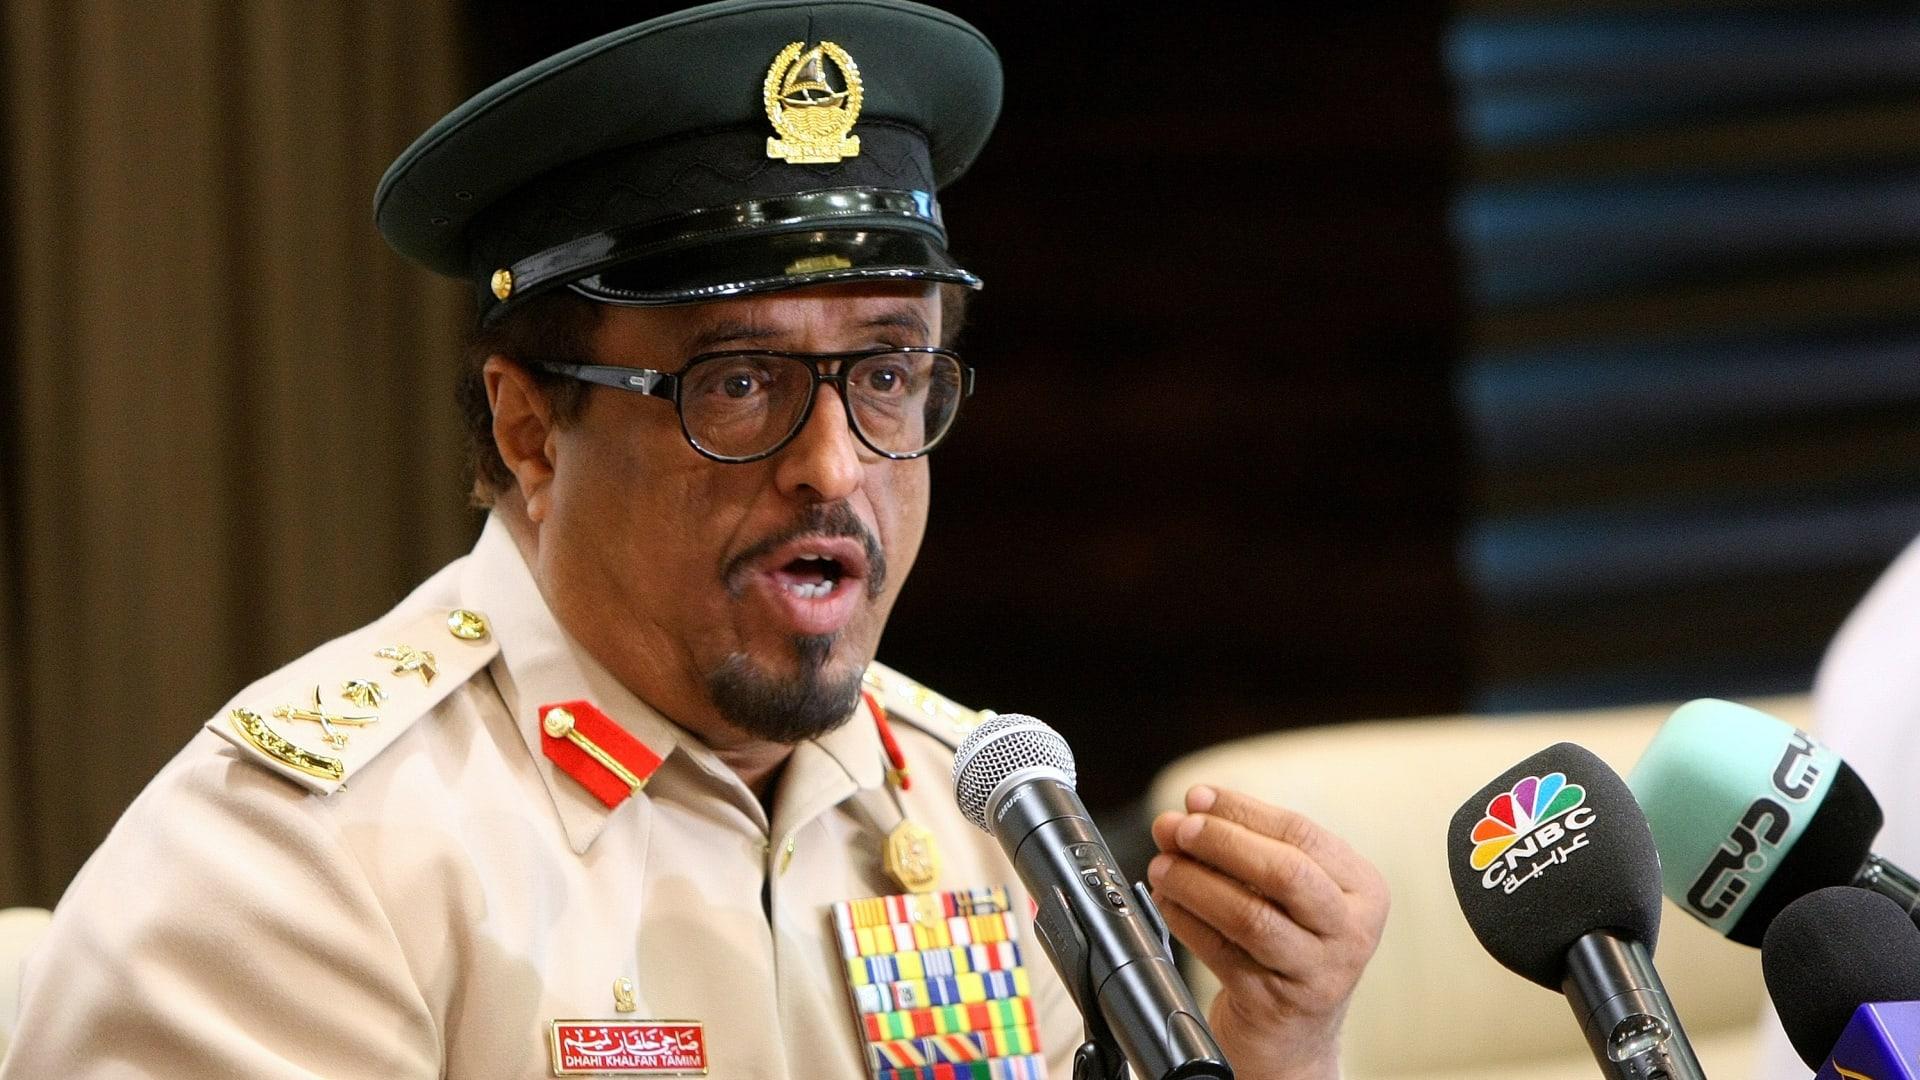 بعد تقرير الاستخبارات.. ضاحي خلفان ينتقد أمريكا: مرتكبو جرائم أبو غريب يتباكون على مقتل خاشقجي